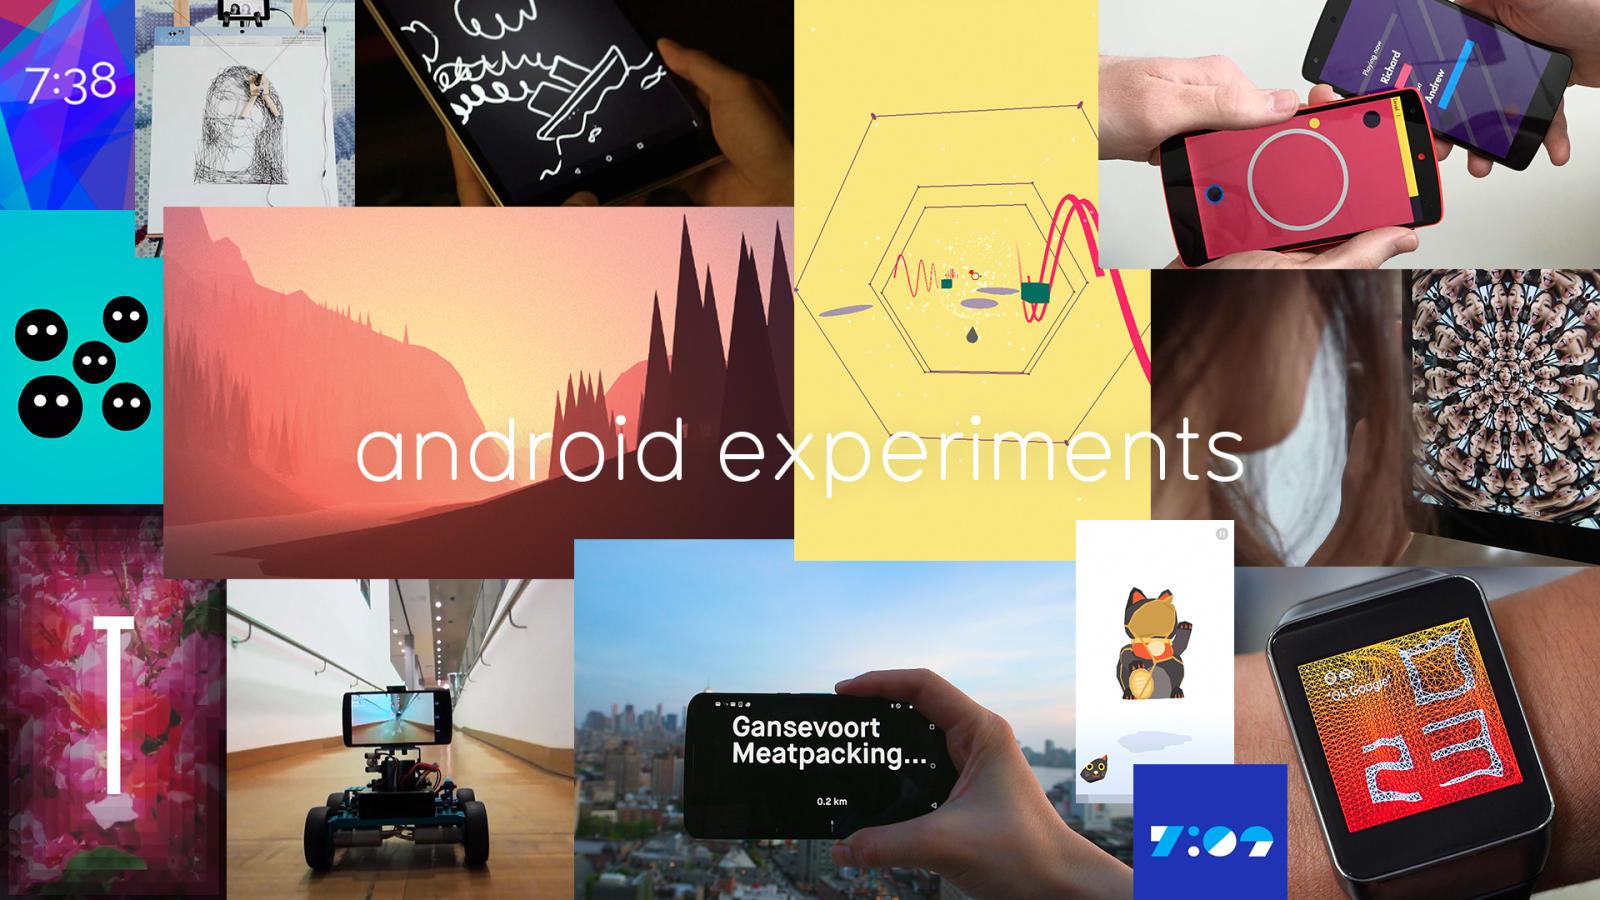 グーグルによるAndroid Experimentsはプログラマーの新しい遊び場